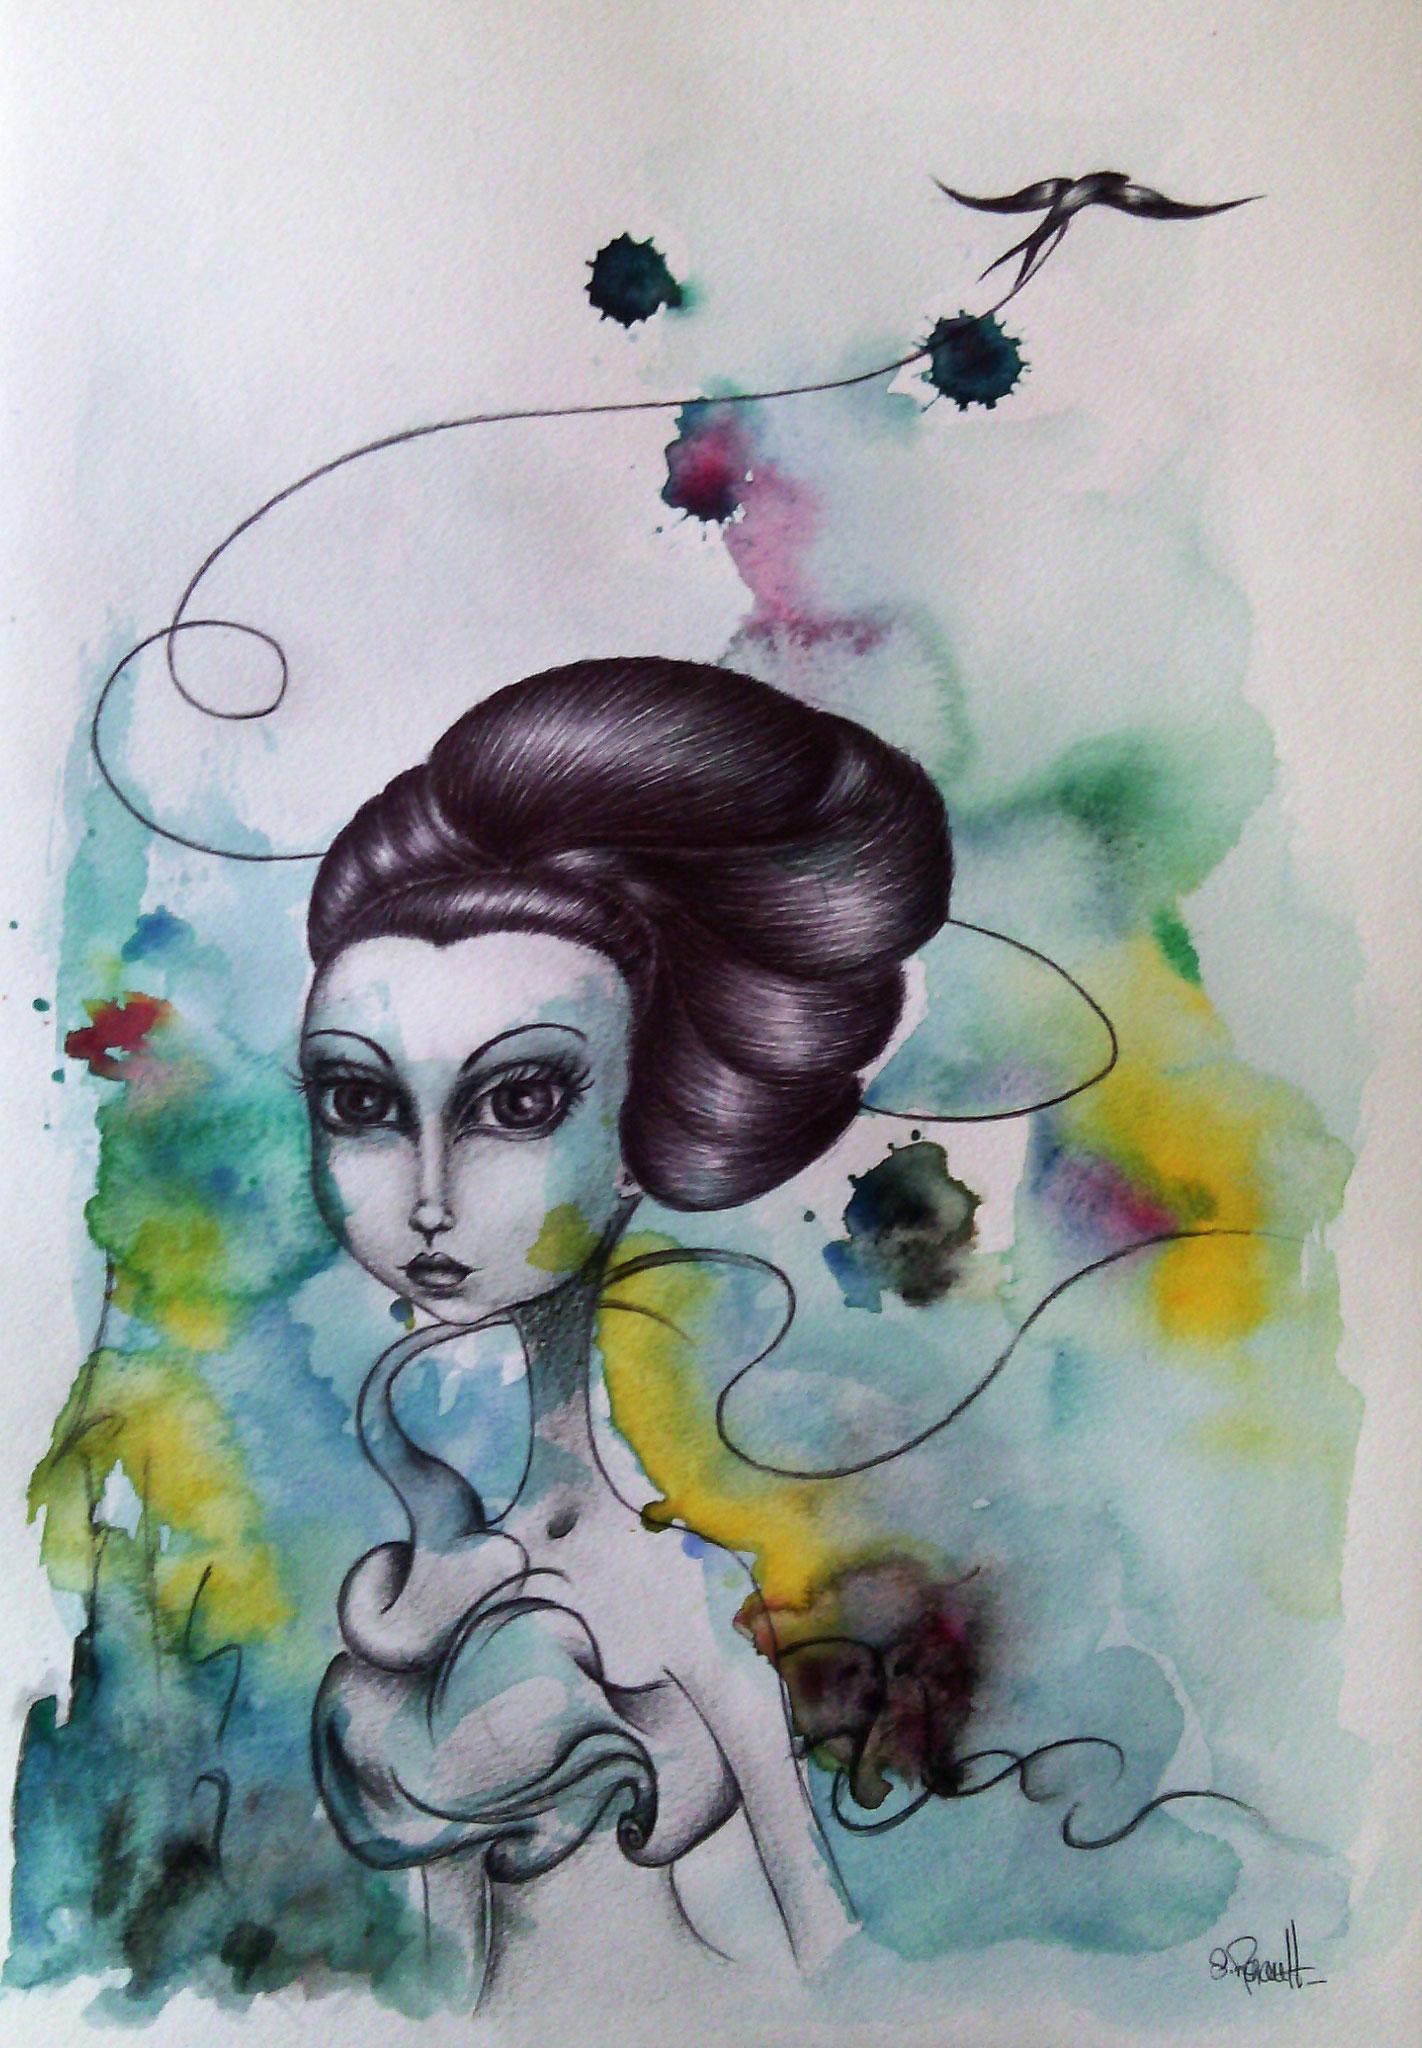 Vingt mille Lieues sous mes Rêves II (30x40 cm) 2014